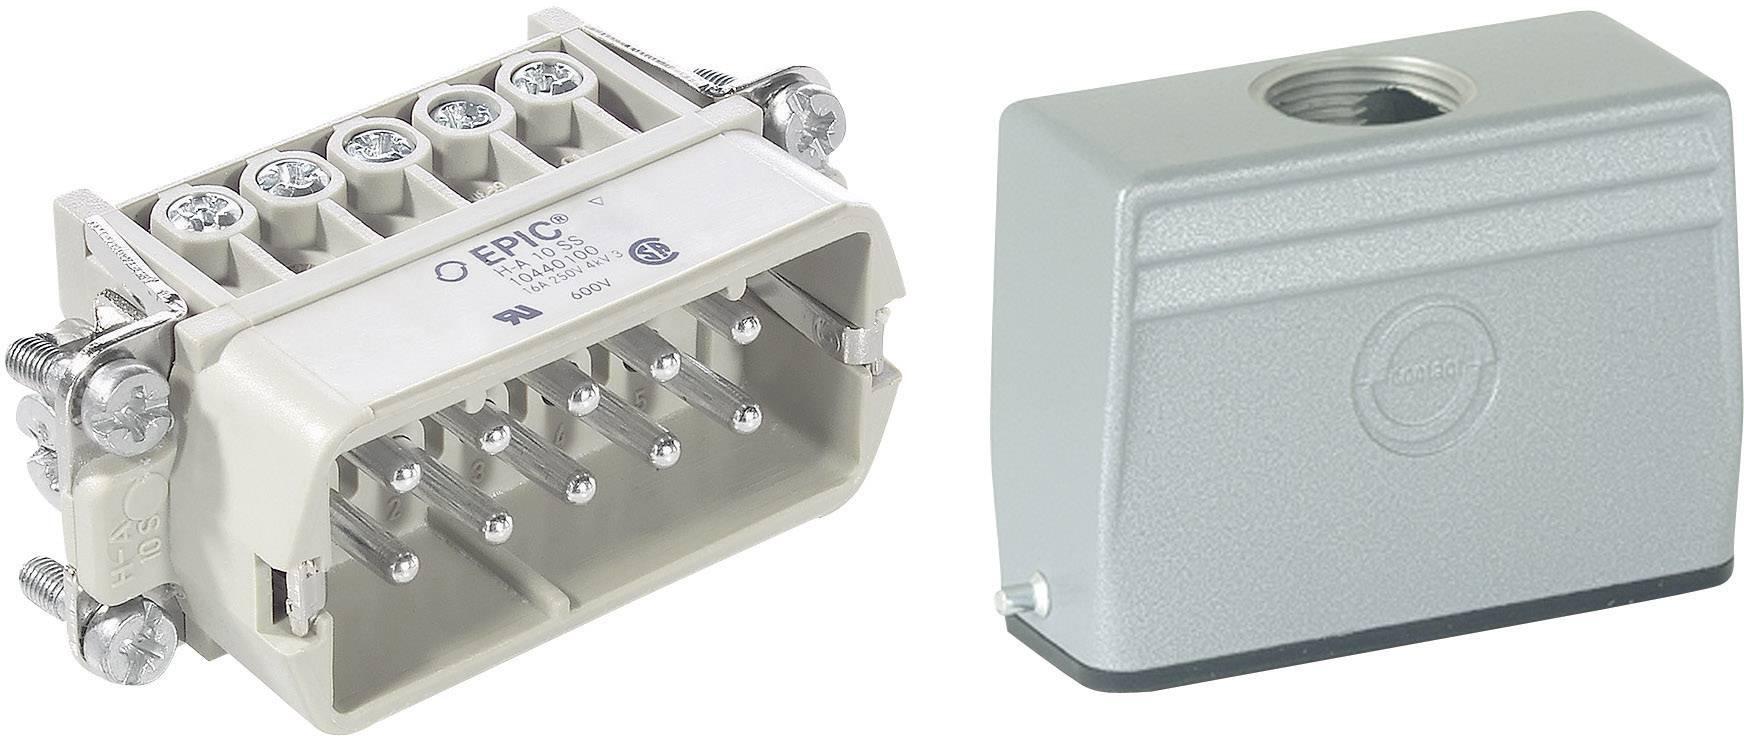 Sada konektorů EPIC®KIT H-A 10 75009625 LAPP 10 + PE šroubovací 1 sada